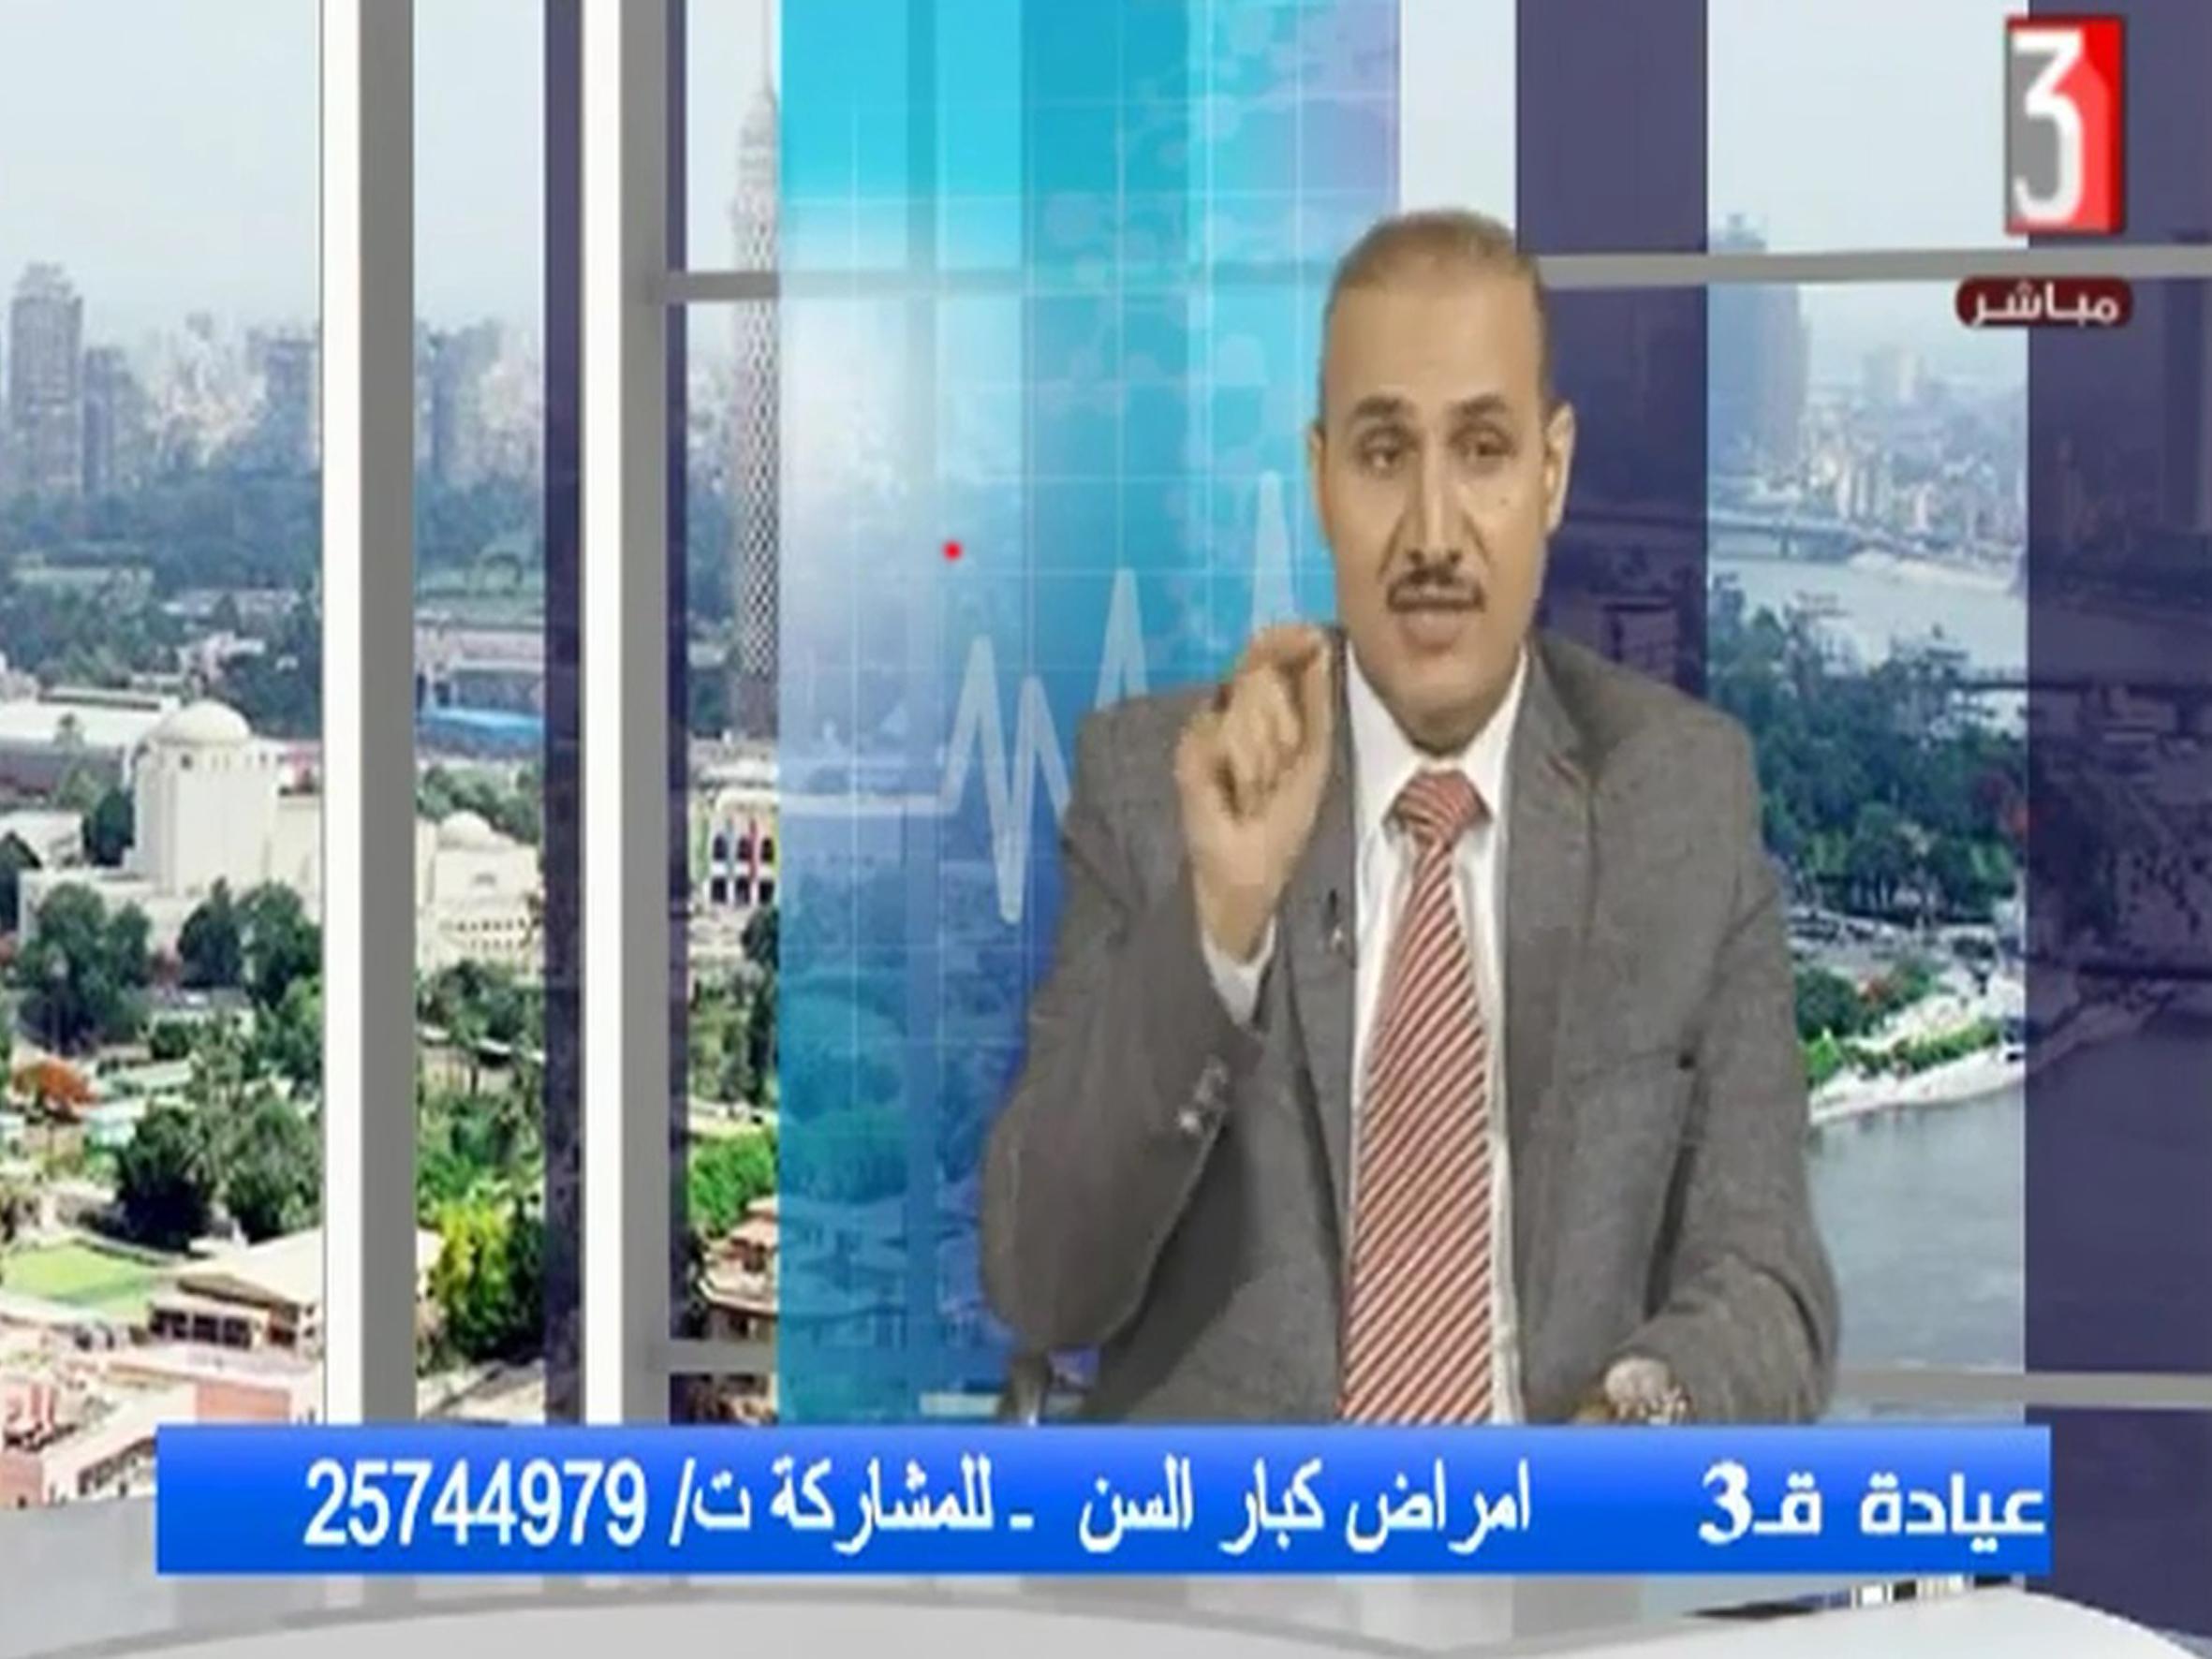 دكتور سيد الخشت , أفضل أطباء الحالات الحرجة في مصر 1